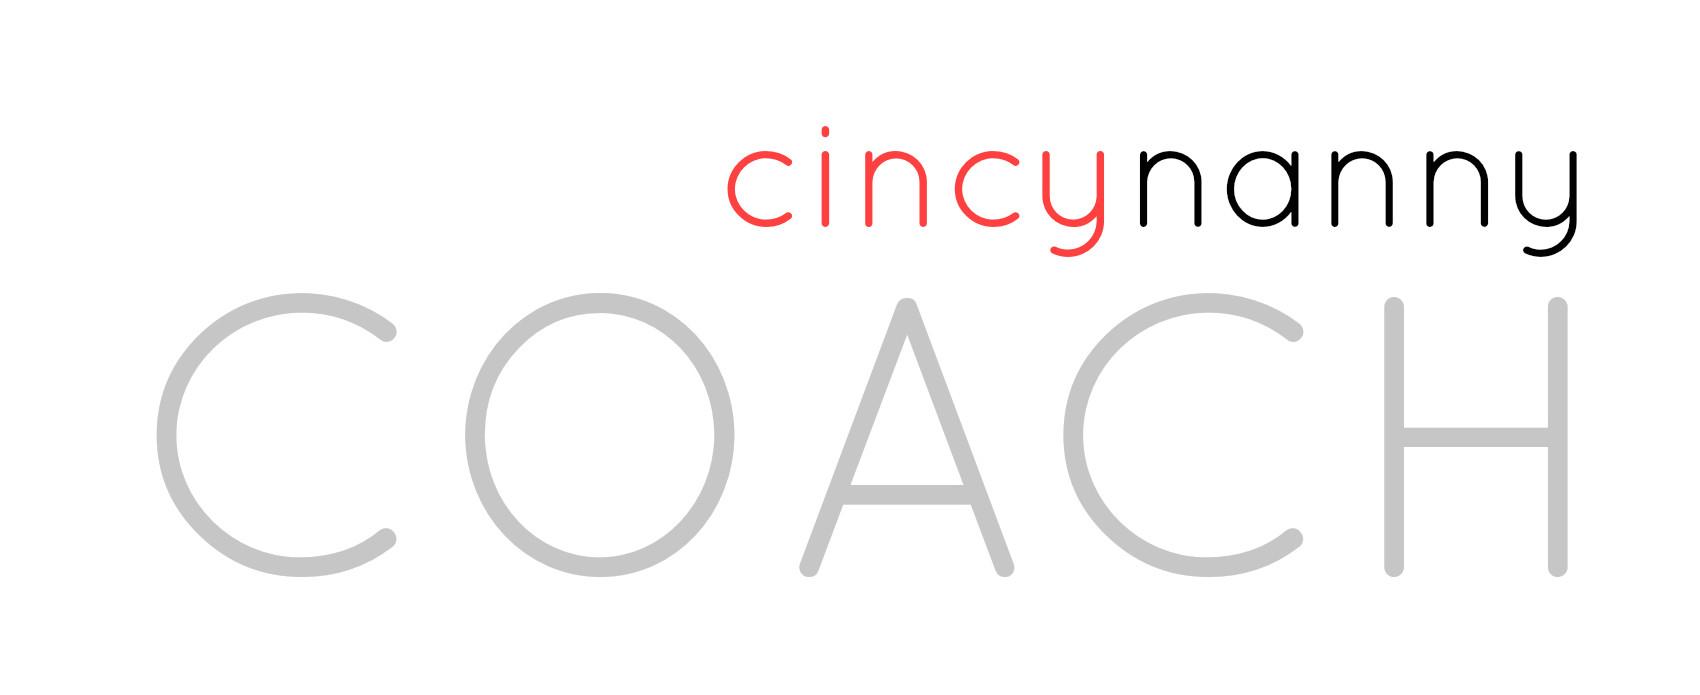 cincynannyCOACH logo